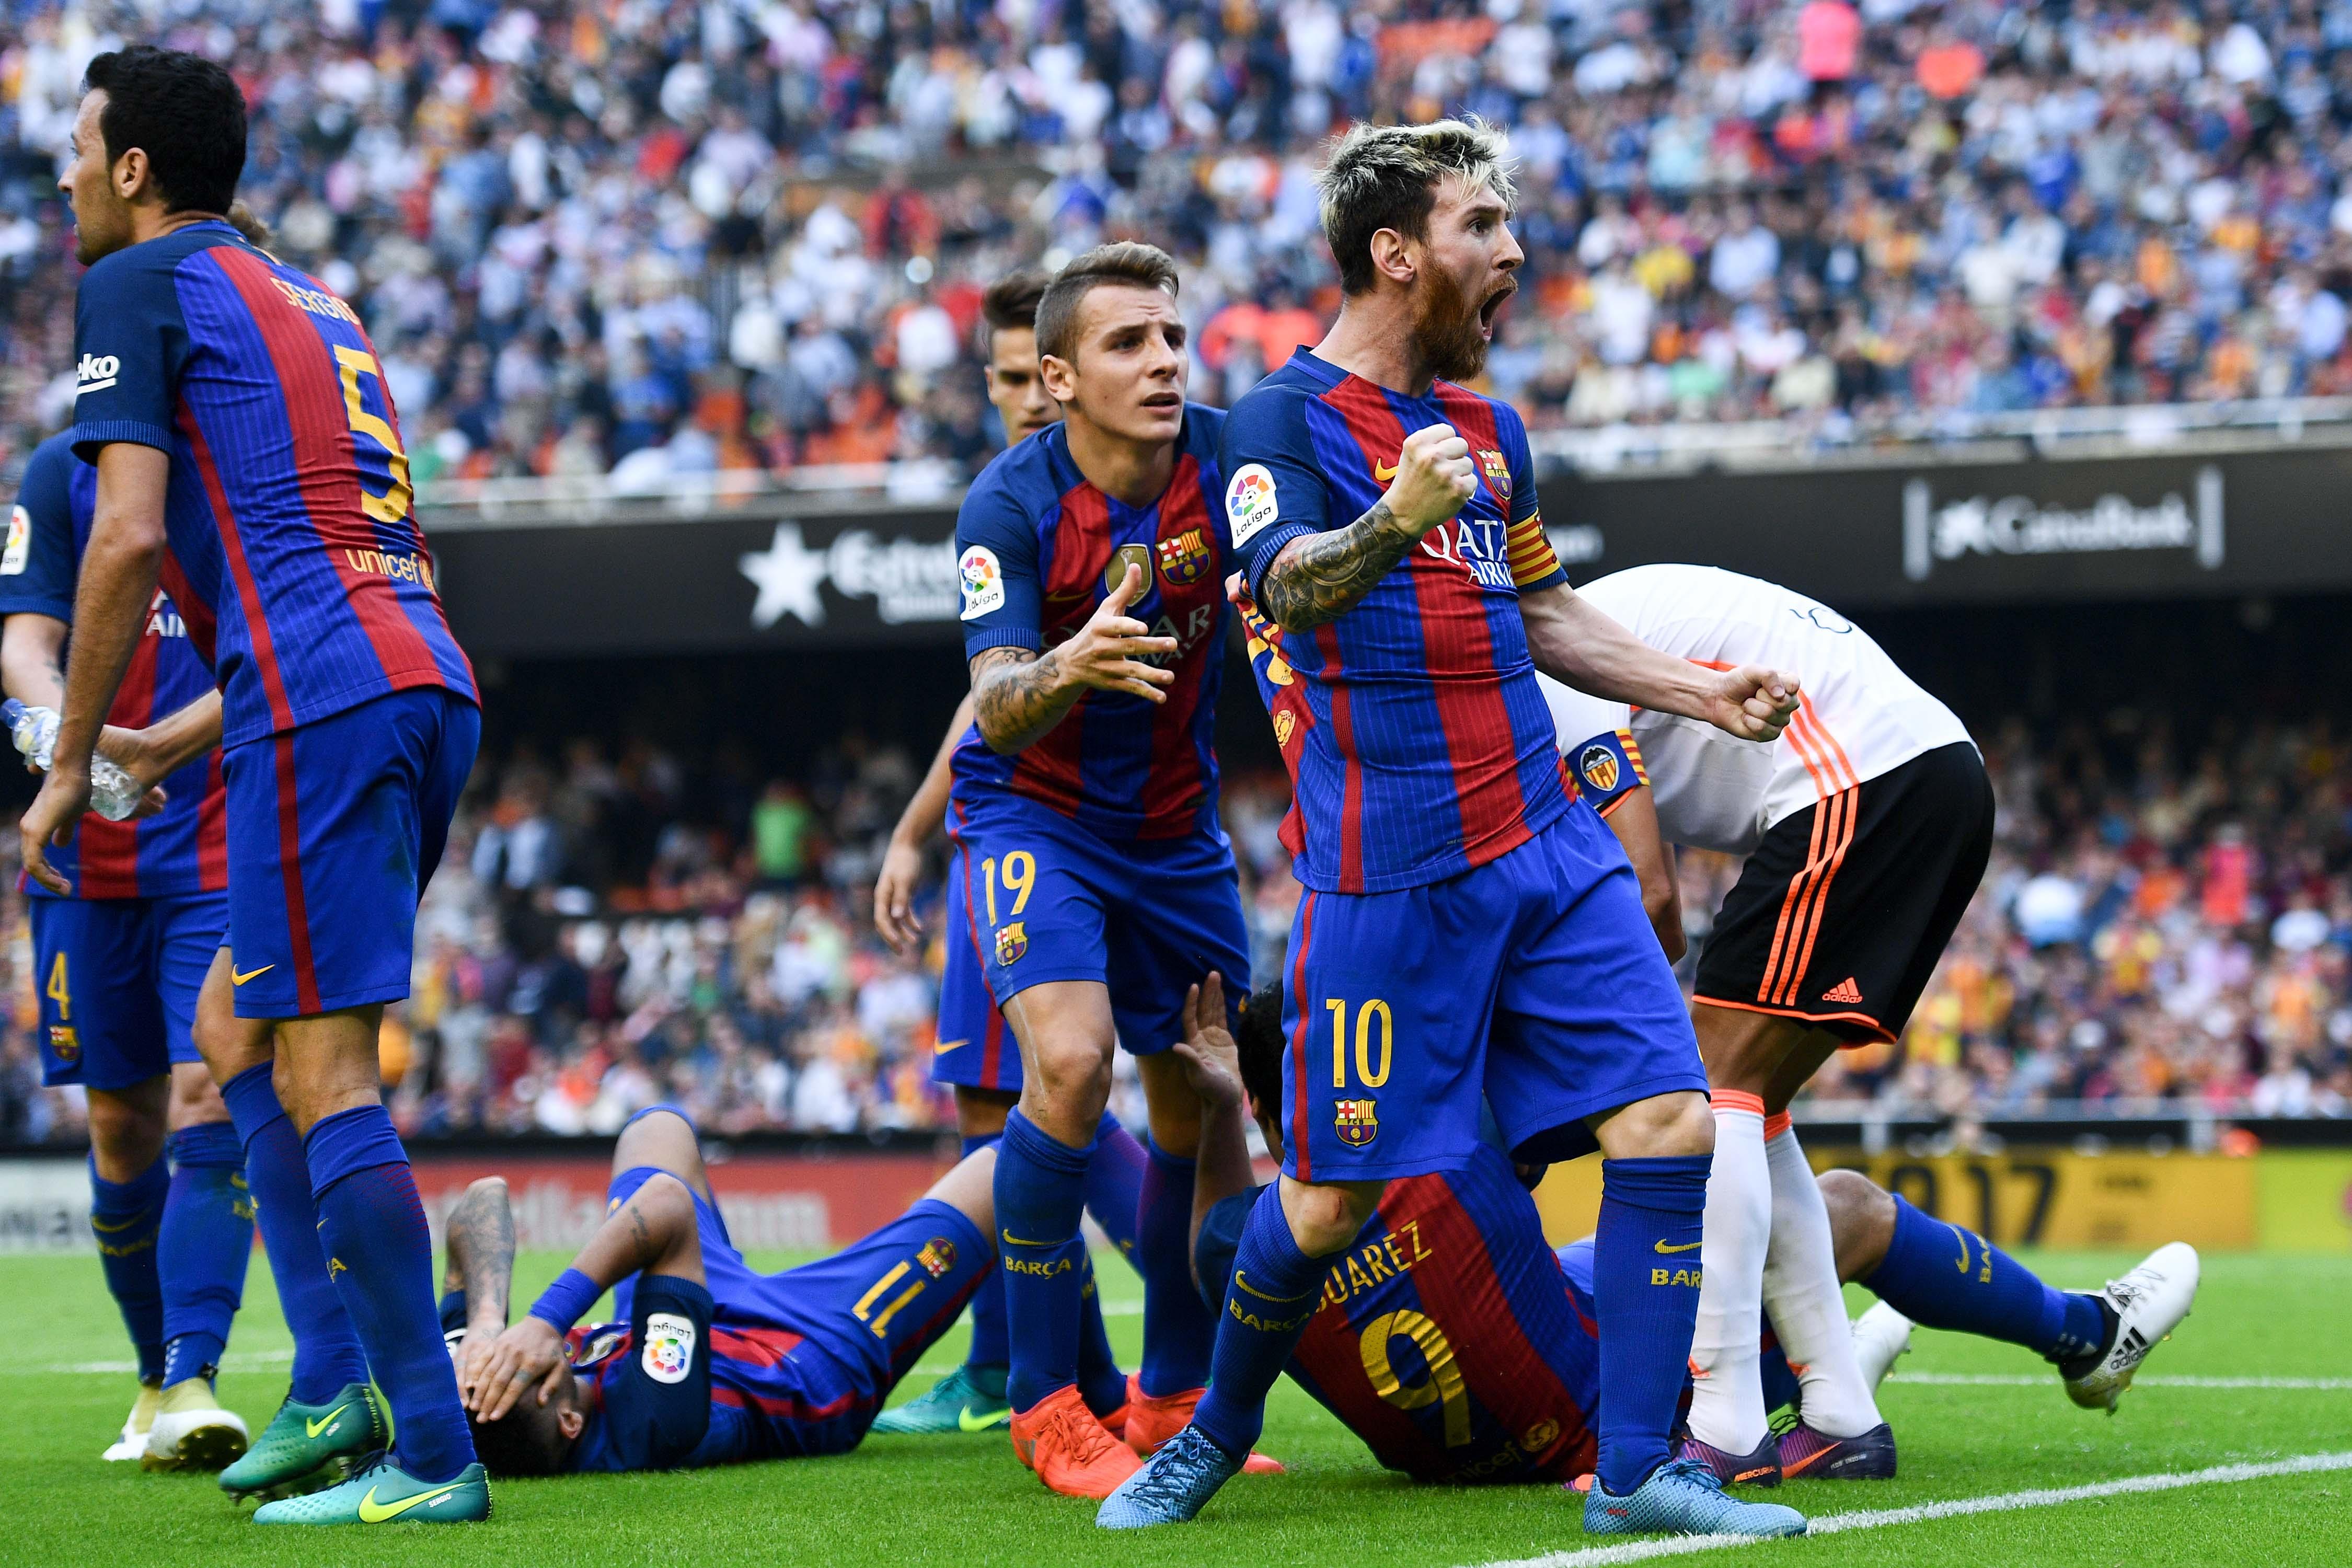 UEFA Champions League FC Barcelona Vs Paris Saint Germain Team News Match Preview